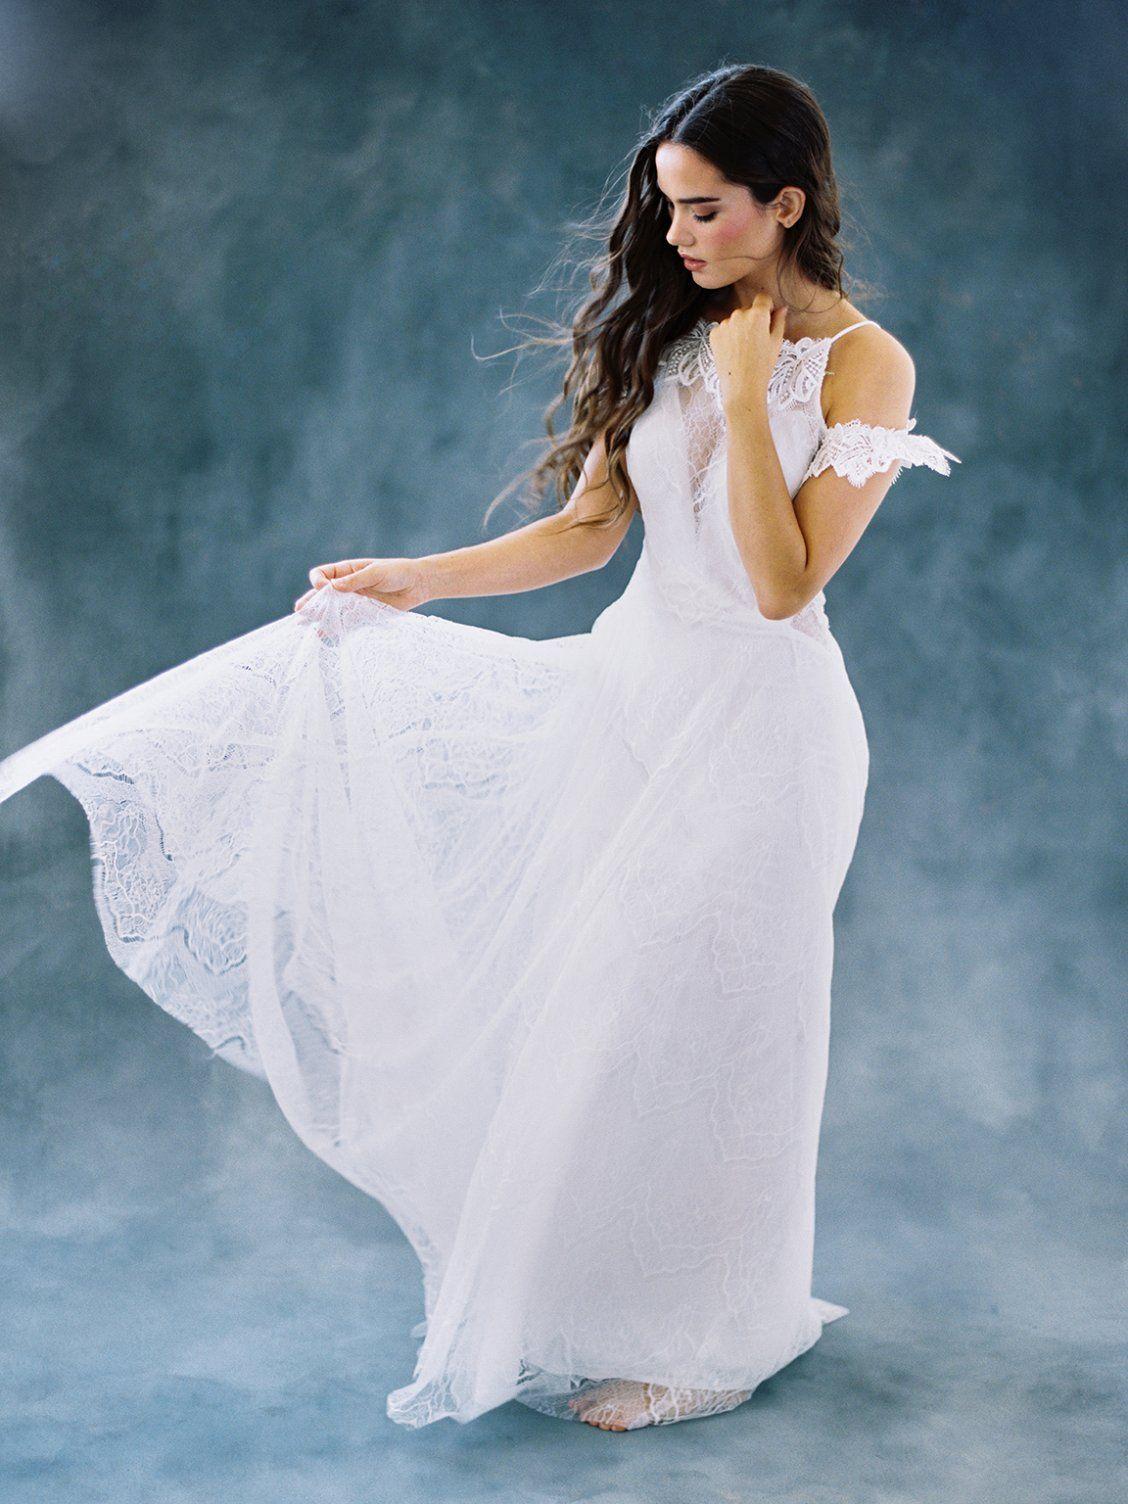 Teal and white wedding dresses  Poppyu  Wilderly Bride  wilderly bride  Pinterest  Bridal gowns